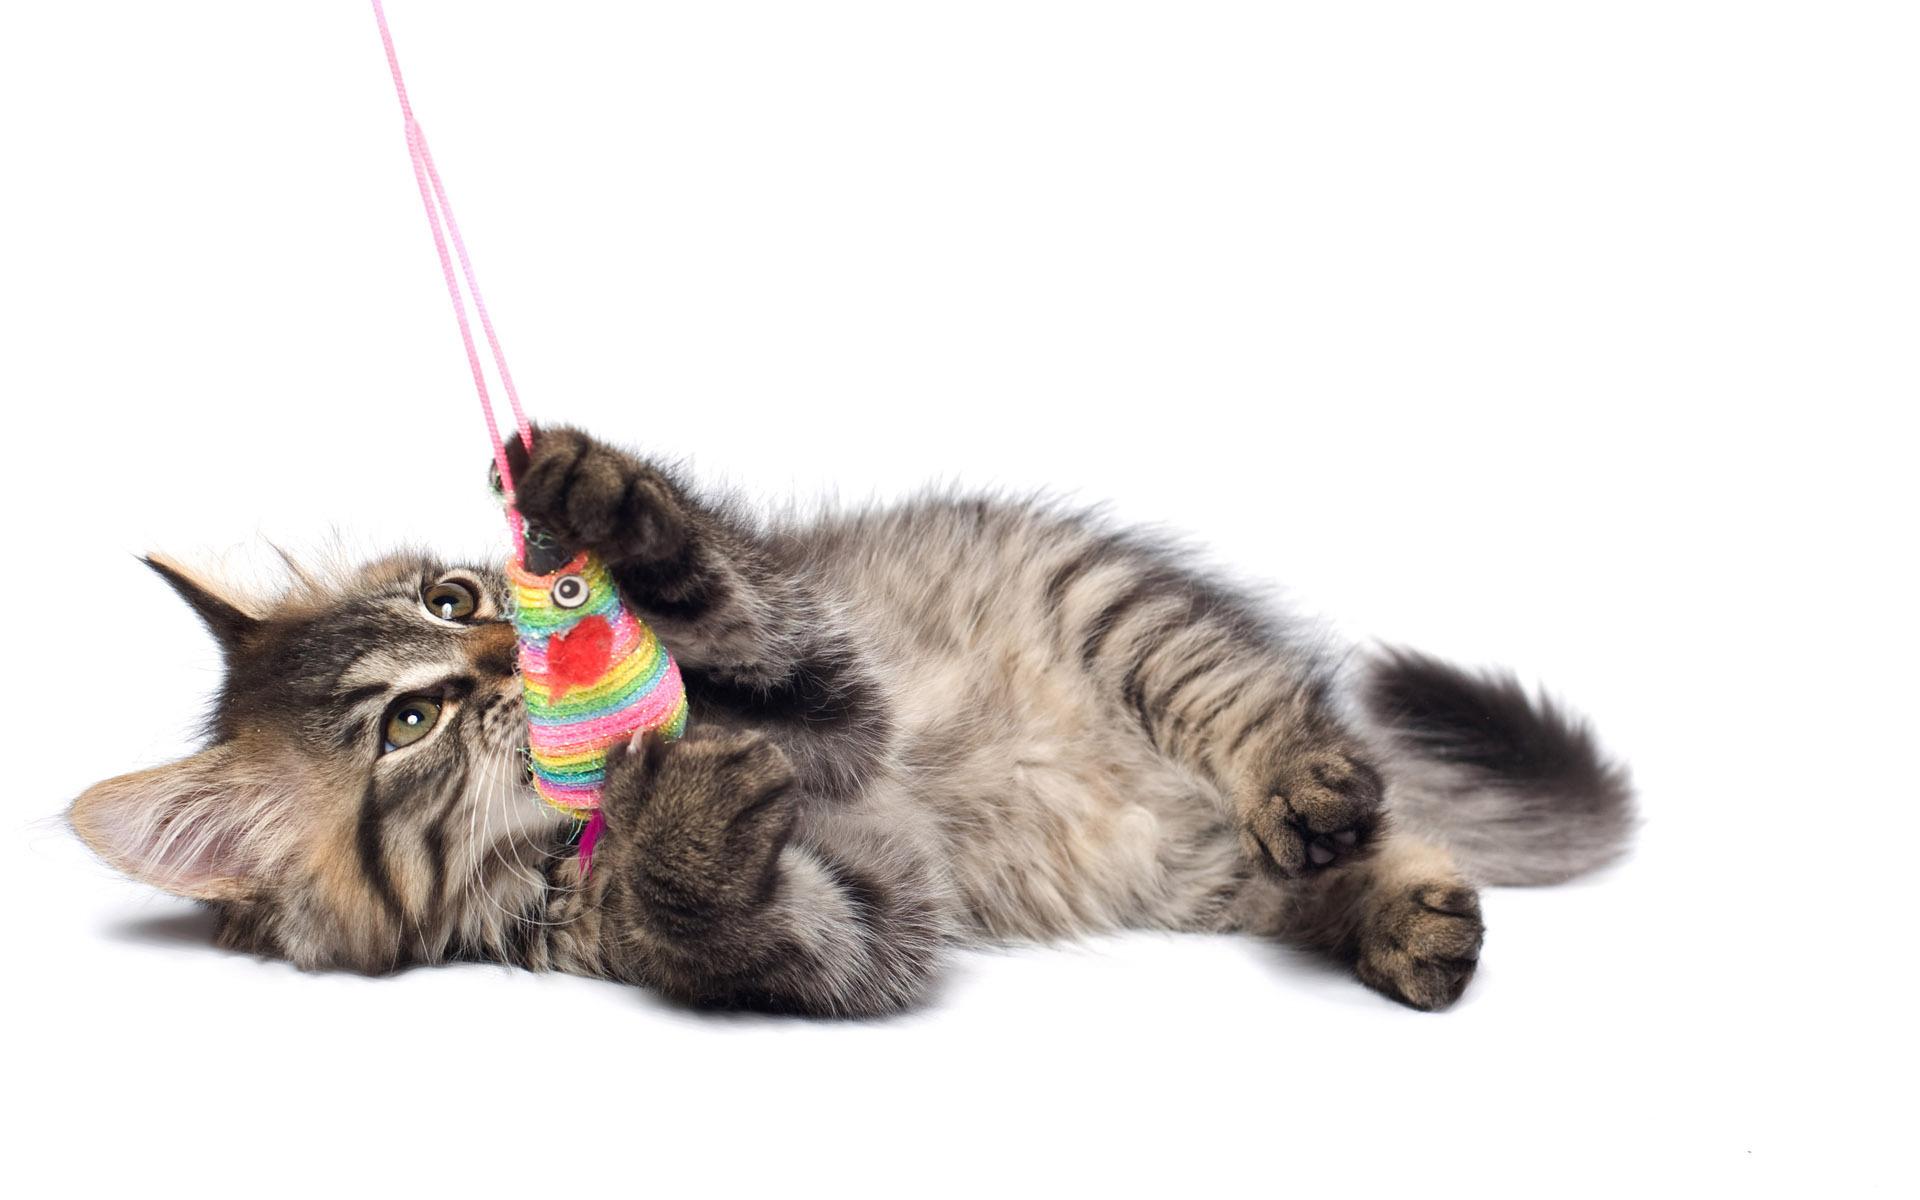 кошка, полосатый, белый фон, котенок, кот, игрушка, Cat